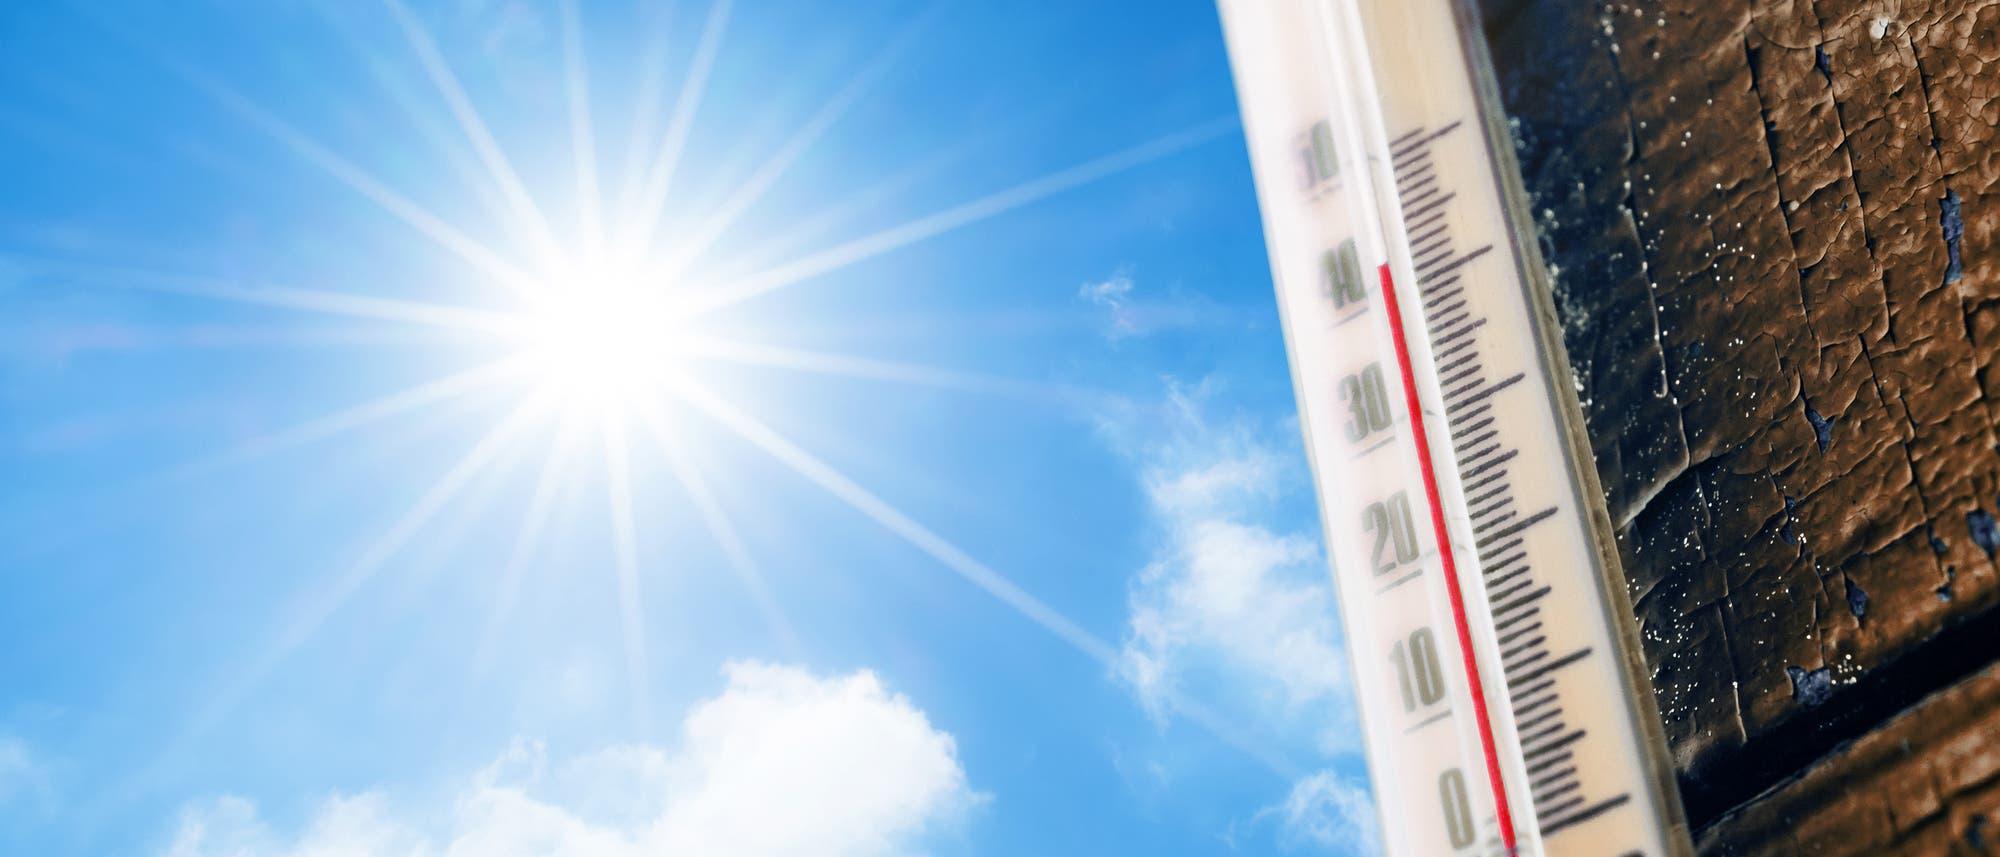 Brace yourself. Summer is coming. Ein Thermometer, das über 40 Grad anzeigt, daneben Himmel mit Sonne.